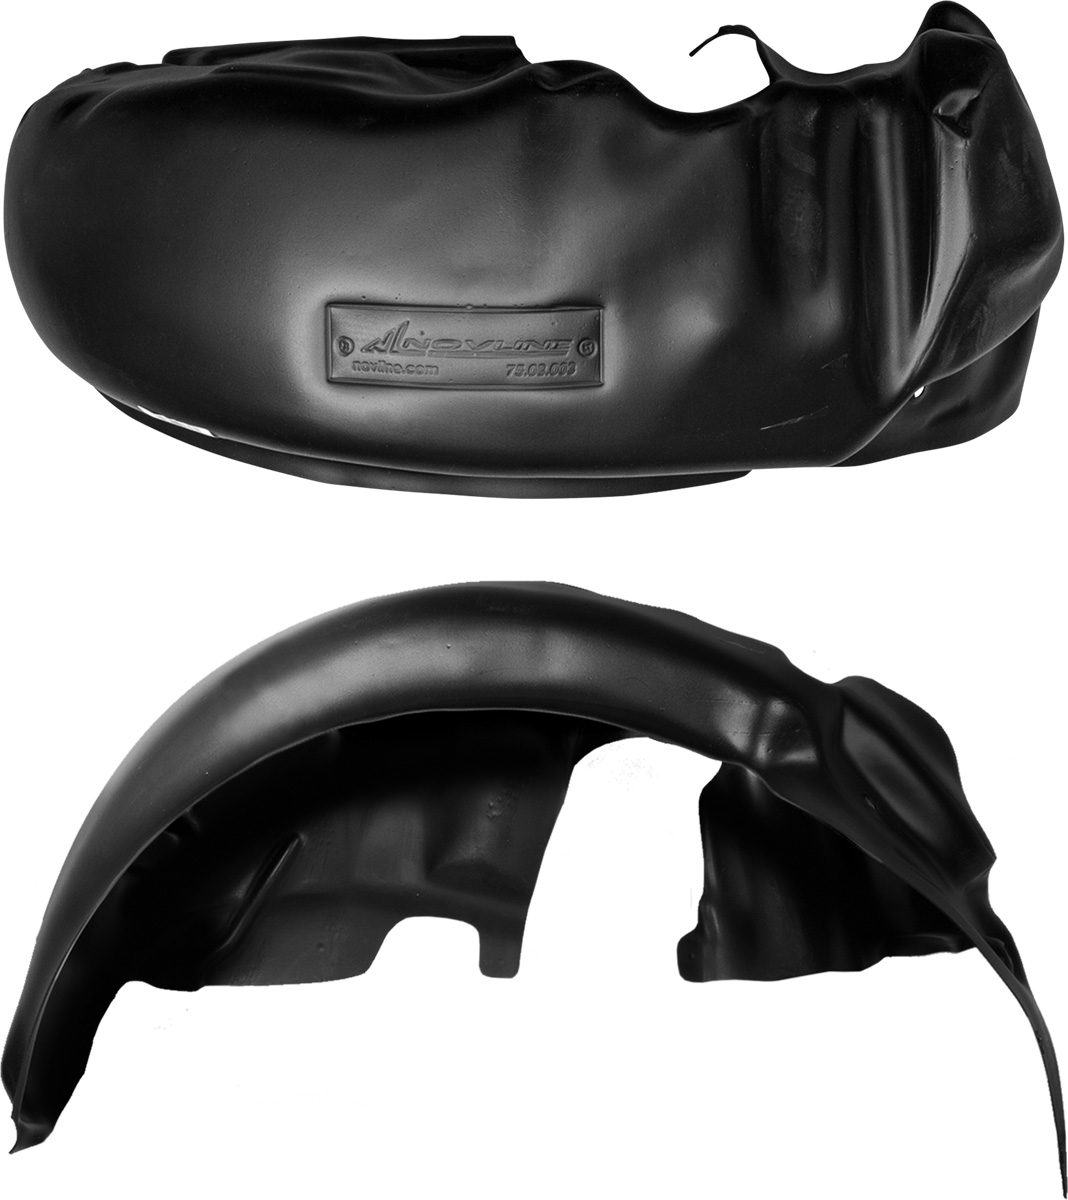 Подкрылок GEELY Emgrand EC7, 2011->, задний левыйCA-3505Колесные ниши – одни из самых уязвимых зон днища вашего автомобиля. Они постоянно подвергаются воздействию со стороны дороги. Лучшая, почти абсолютная защита для них - специально отформованные пластиковые кожухи, которые называются подкрылками, или локерами. Производятся они как для отечественных моделей автомобилей, так и для иномарок. Подкрылки выполнены из высококачественного, экологически чистого пластика. Обеспечивают надежную защиту кузова автомобиля от пескоструйного эффекта и негативного влияния, агрессивных антигололедных реагентов. Пластик обладает более низкой теплопроводностью, чем металл, поэтому в зимний период эксплуатации использование пластиковых подкрылков позволяет лучше защитить колесные ниши от налипания снега и образования наледи. Оригинальность конструкции подчеркивает элегантность автомобиля, бережно защищает нанесенное на днище кузова антикоррозийное покрытие и позволяет осуществить крепление подкрылков внутри колесной арки практически без дополнительного крепежа и сверления, не нарушая при этом лакокрасочного покрытия, что предотвращает возникновение новых очагов коррозии. Технология крепления подкрылков на иномарки принципиально отличается от крепления на российские автомобили и разрабатывается индивидуально для каждой модели автомобиля. Подкрылки долговечны, обладают высокой прочностью и сохраняют заданную форму, а также все свои физико-механические характеристики в самых тяжелых климатических условиях ( от -50° С до + 50° С).